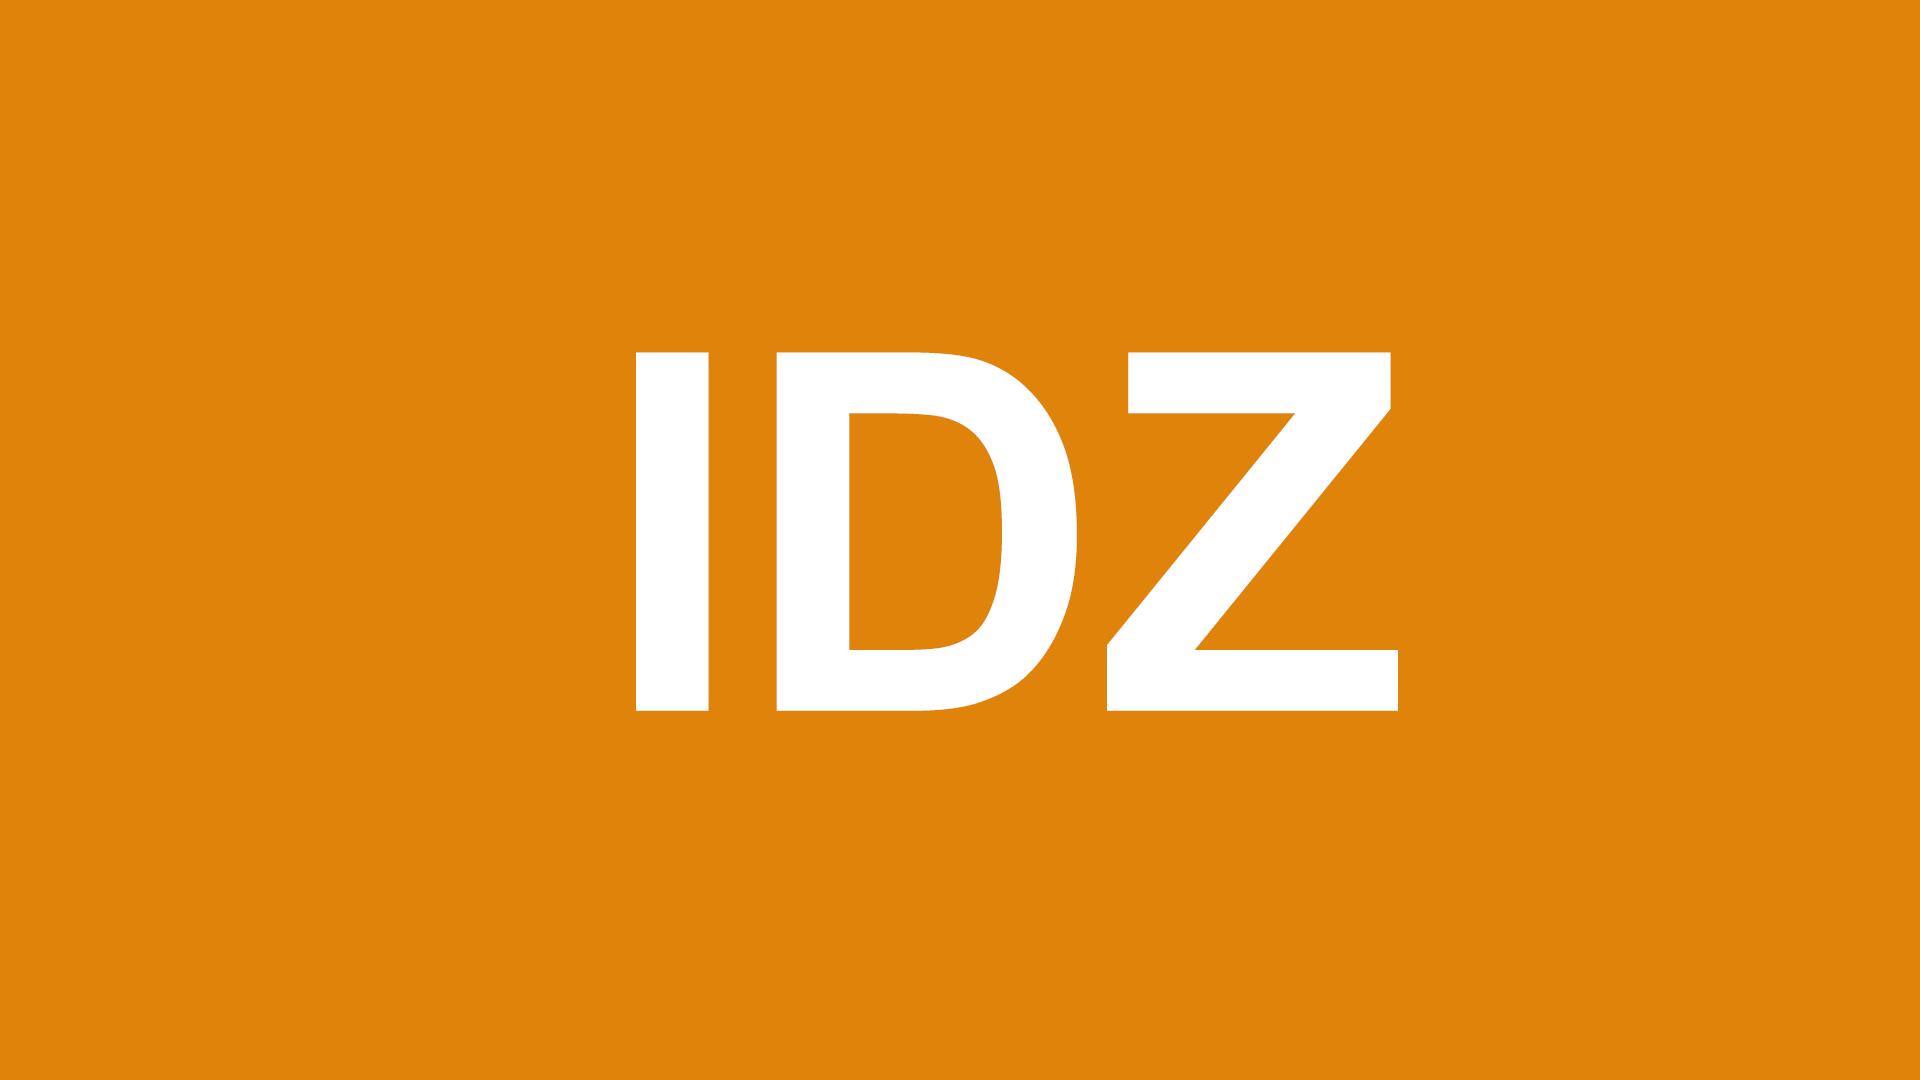 Das Internationale Design Zentrum Berlin e.V. (IDZ) ist eines der ältesten Designzentren in Deutschland. Mit Projekten, Forschungsaufträgen und Veranstaltungen bildet das IDZ eine Schnittstelle zwischen Design und Wirtschaft mit dem Ziel theoretische und praktische Aspekte des Designs auf nationaler und internationaler Ebene zu erforschen, zu publizieren und zu befördern.